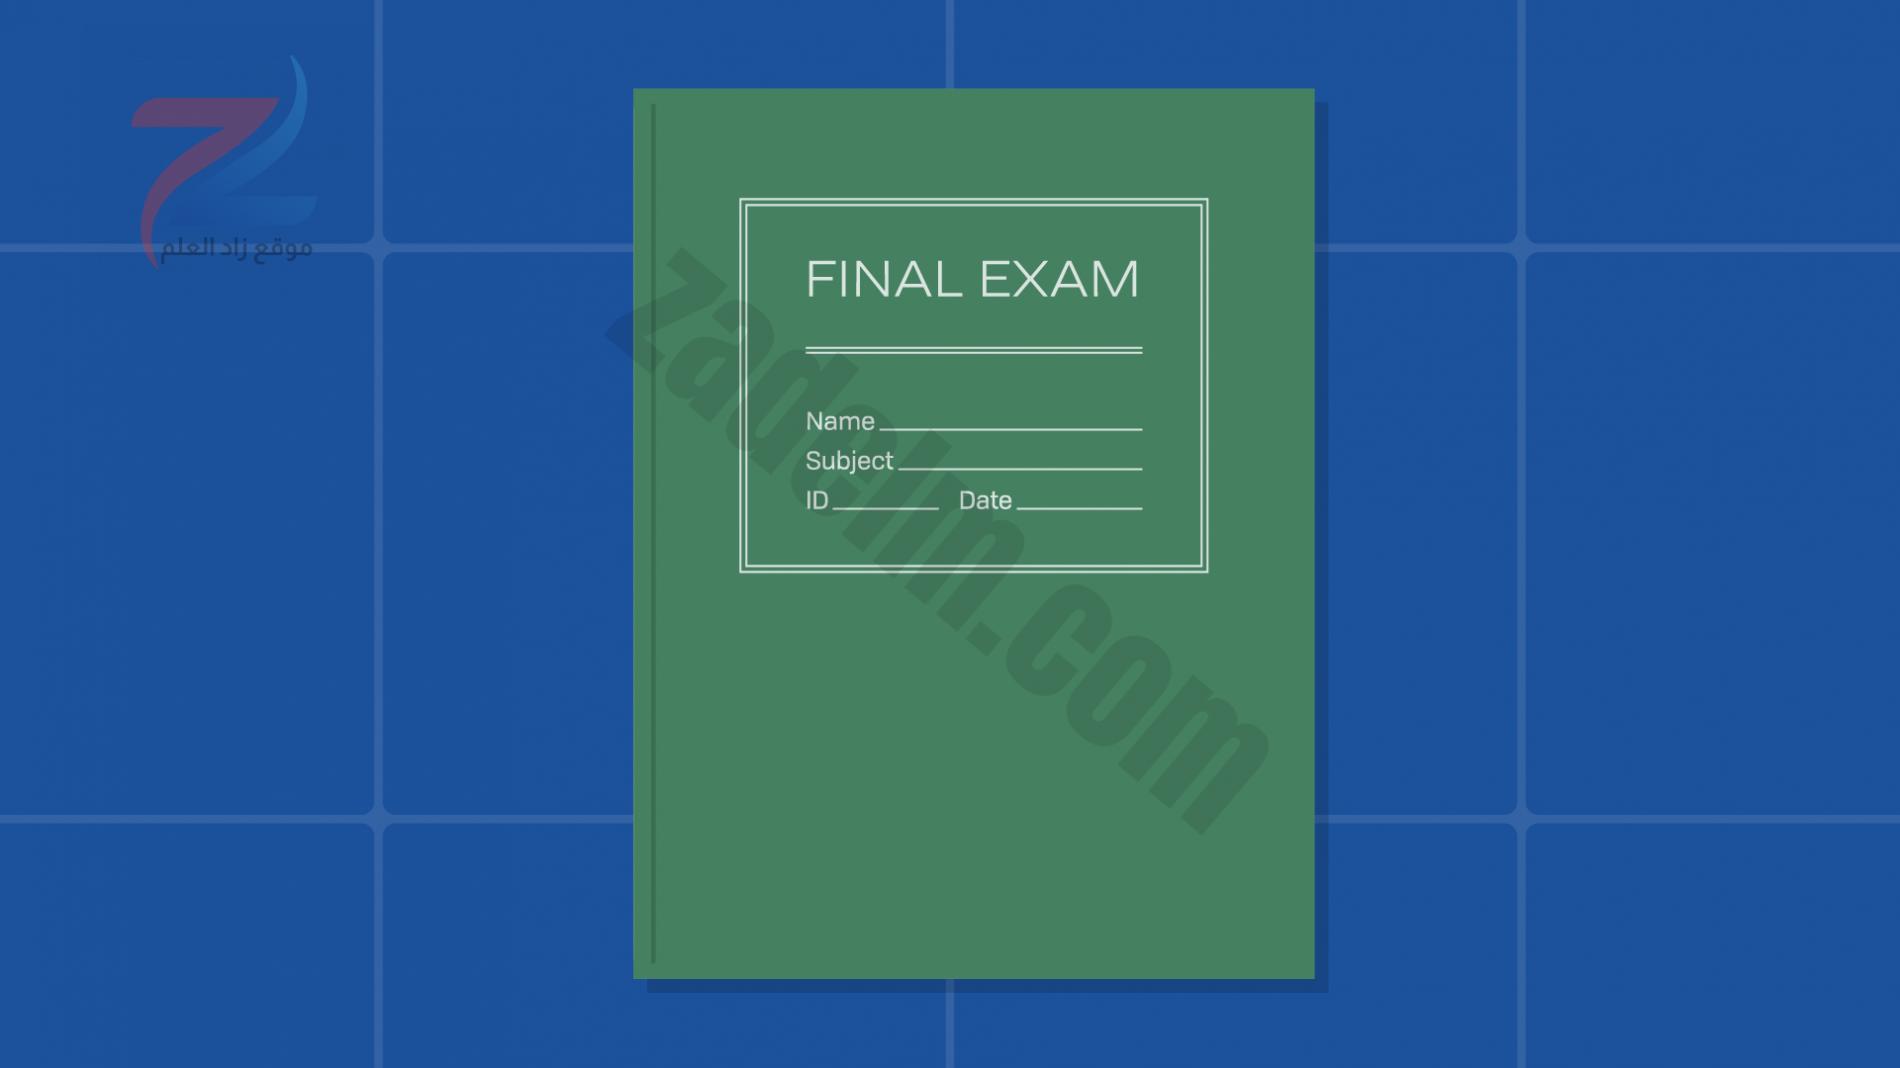 كتيب الامتحان النهائي